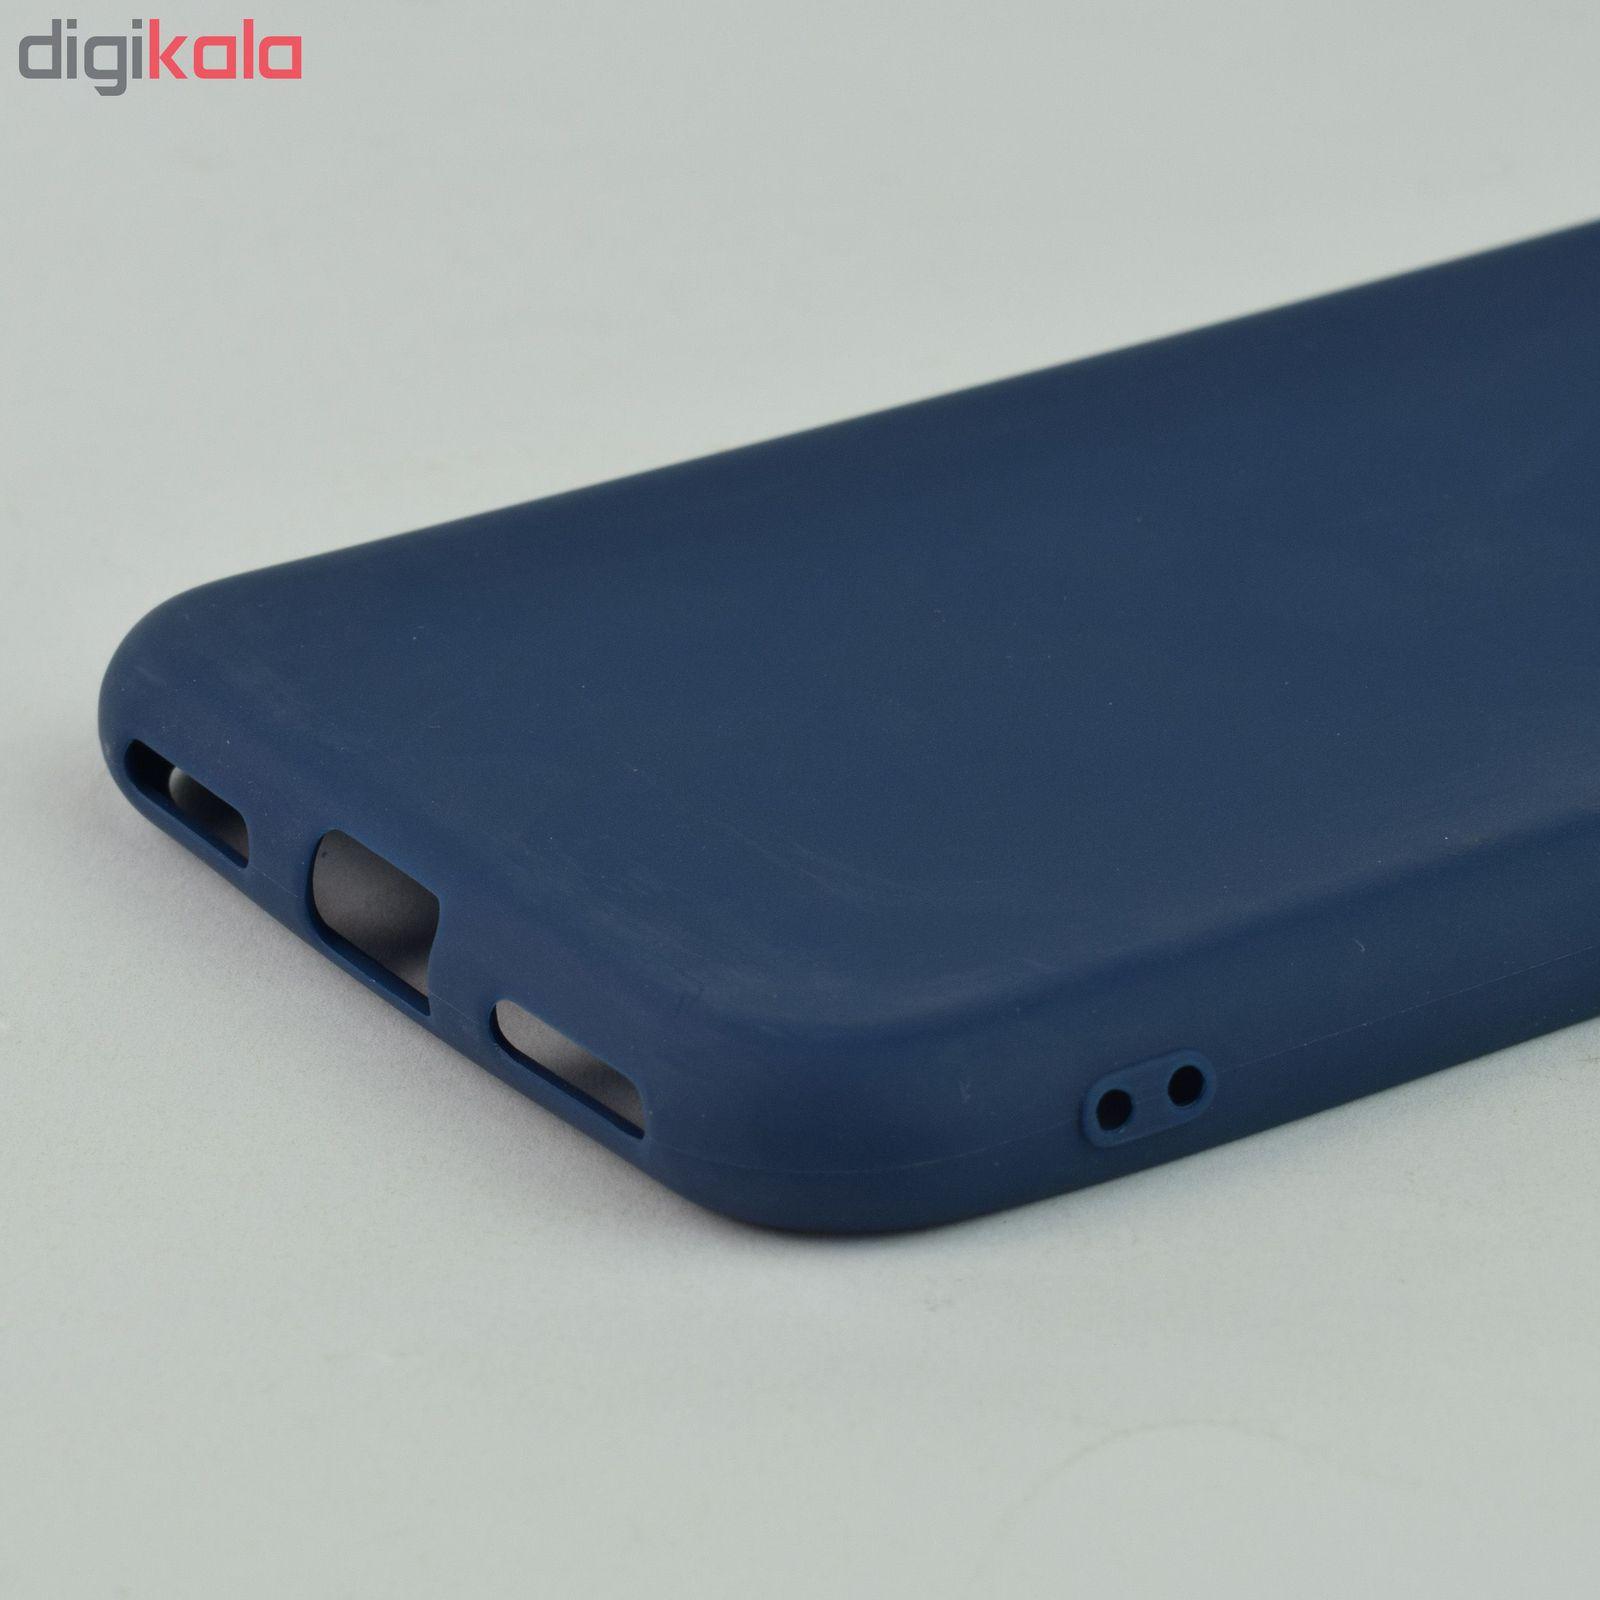 کاور مدل SC20 مناسب برای گوشی موبایل هوآوی Y6 Prime 2019 main 1 10